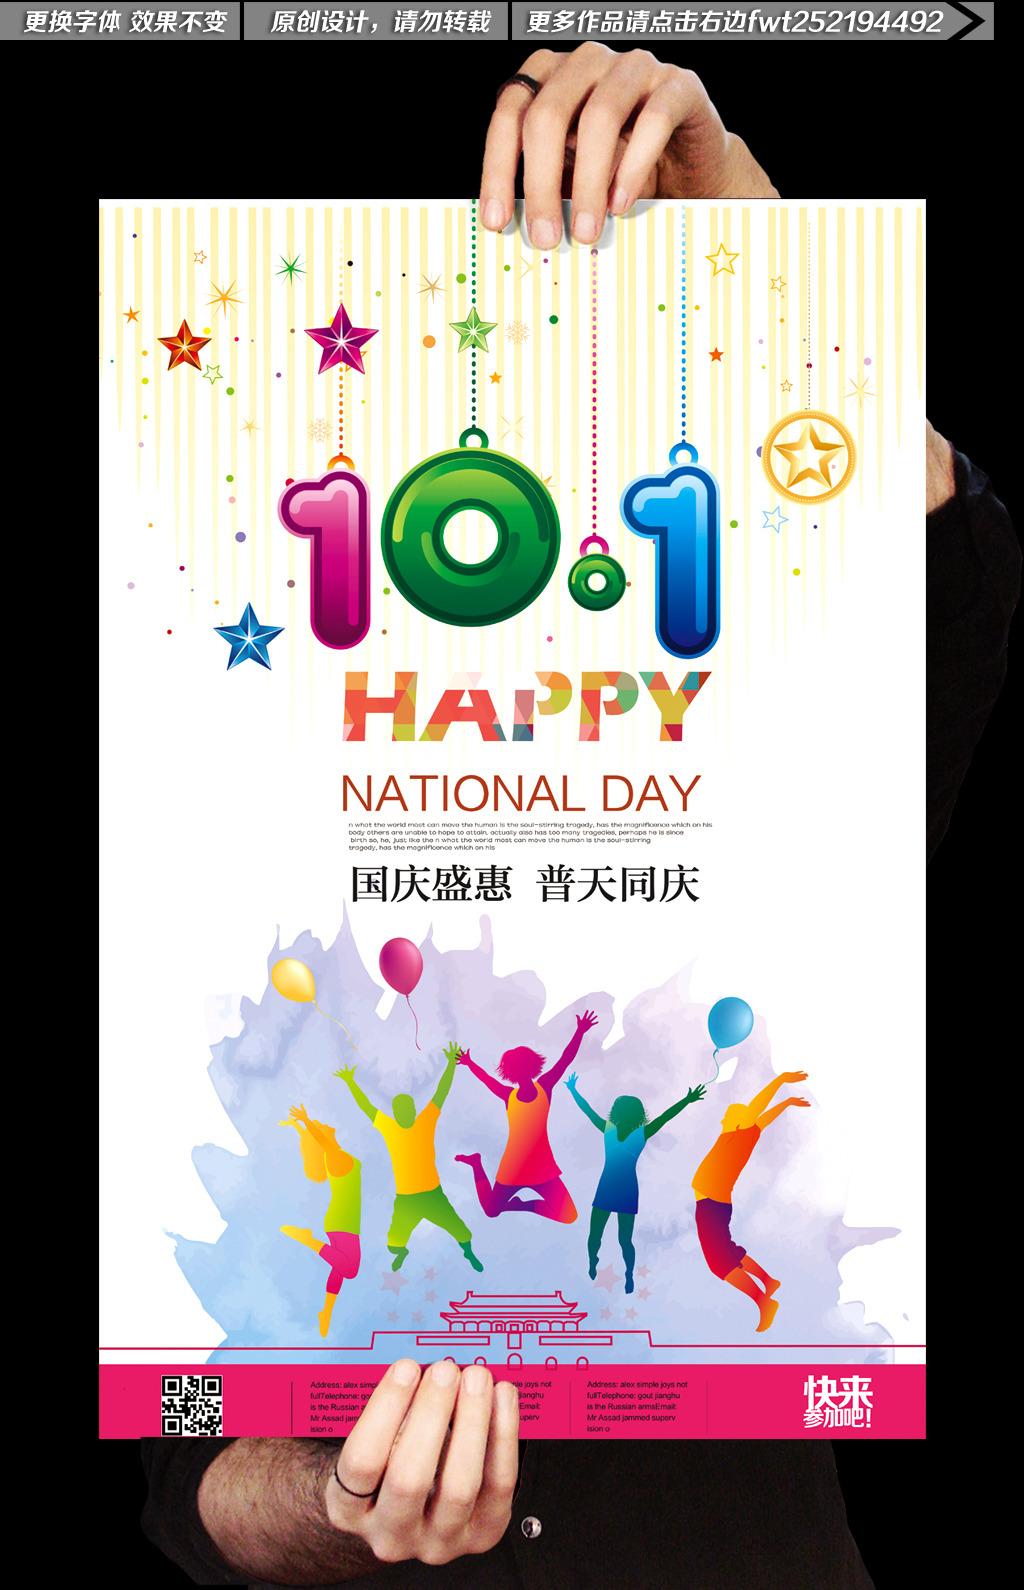 65周年庆创意海报 商场国庆促销海报 国庆淘宝海报 国庆节狂欢 手绘